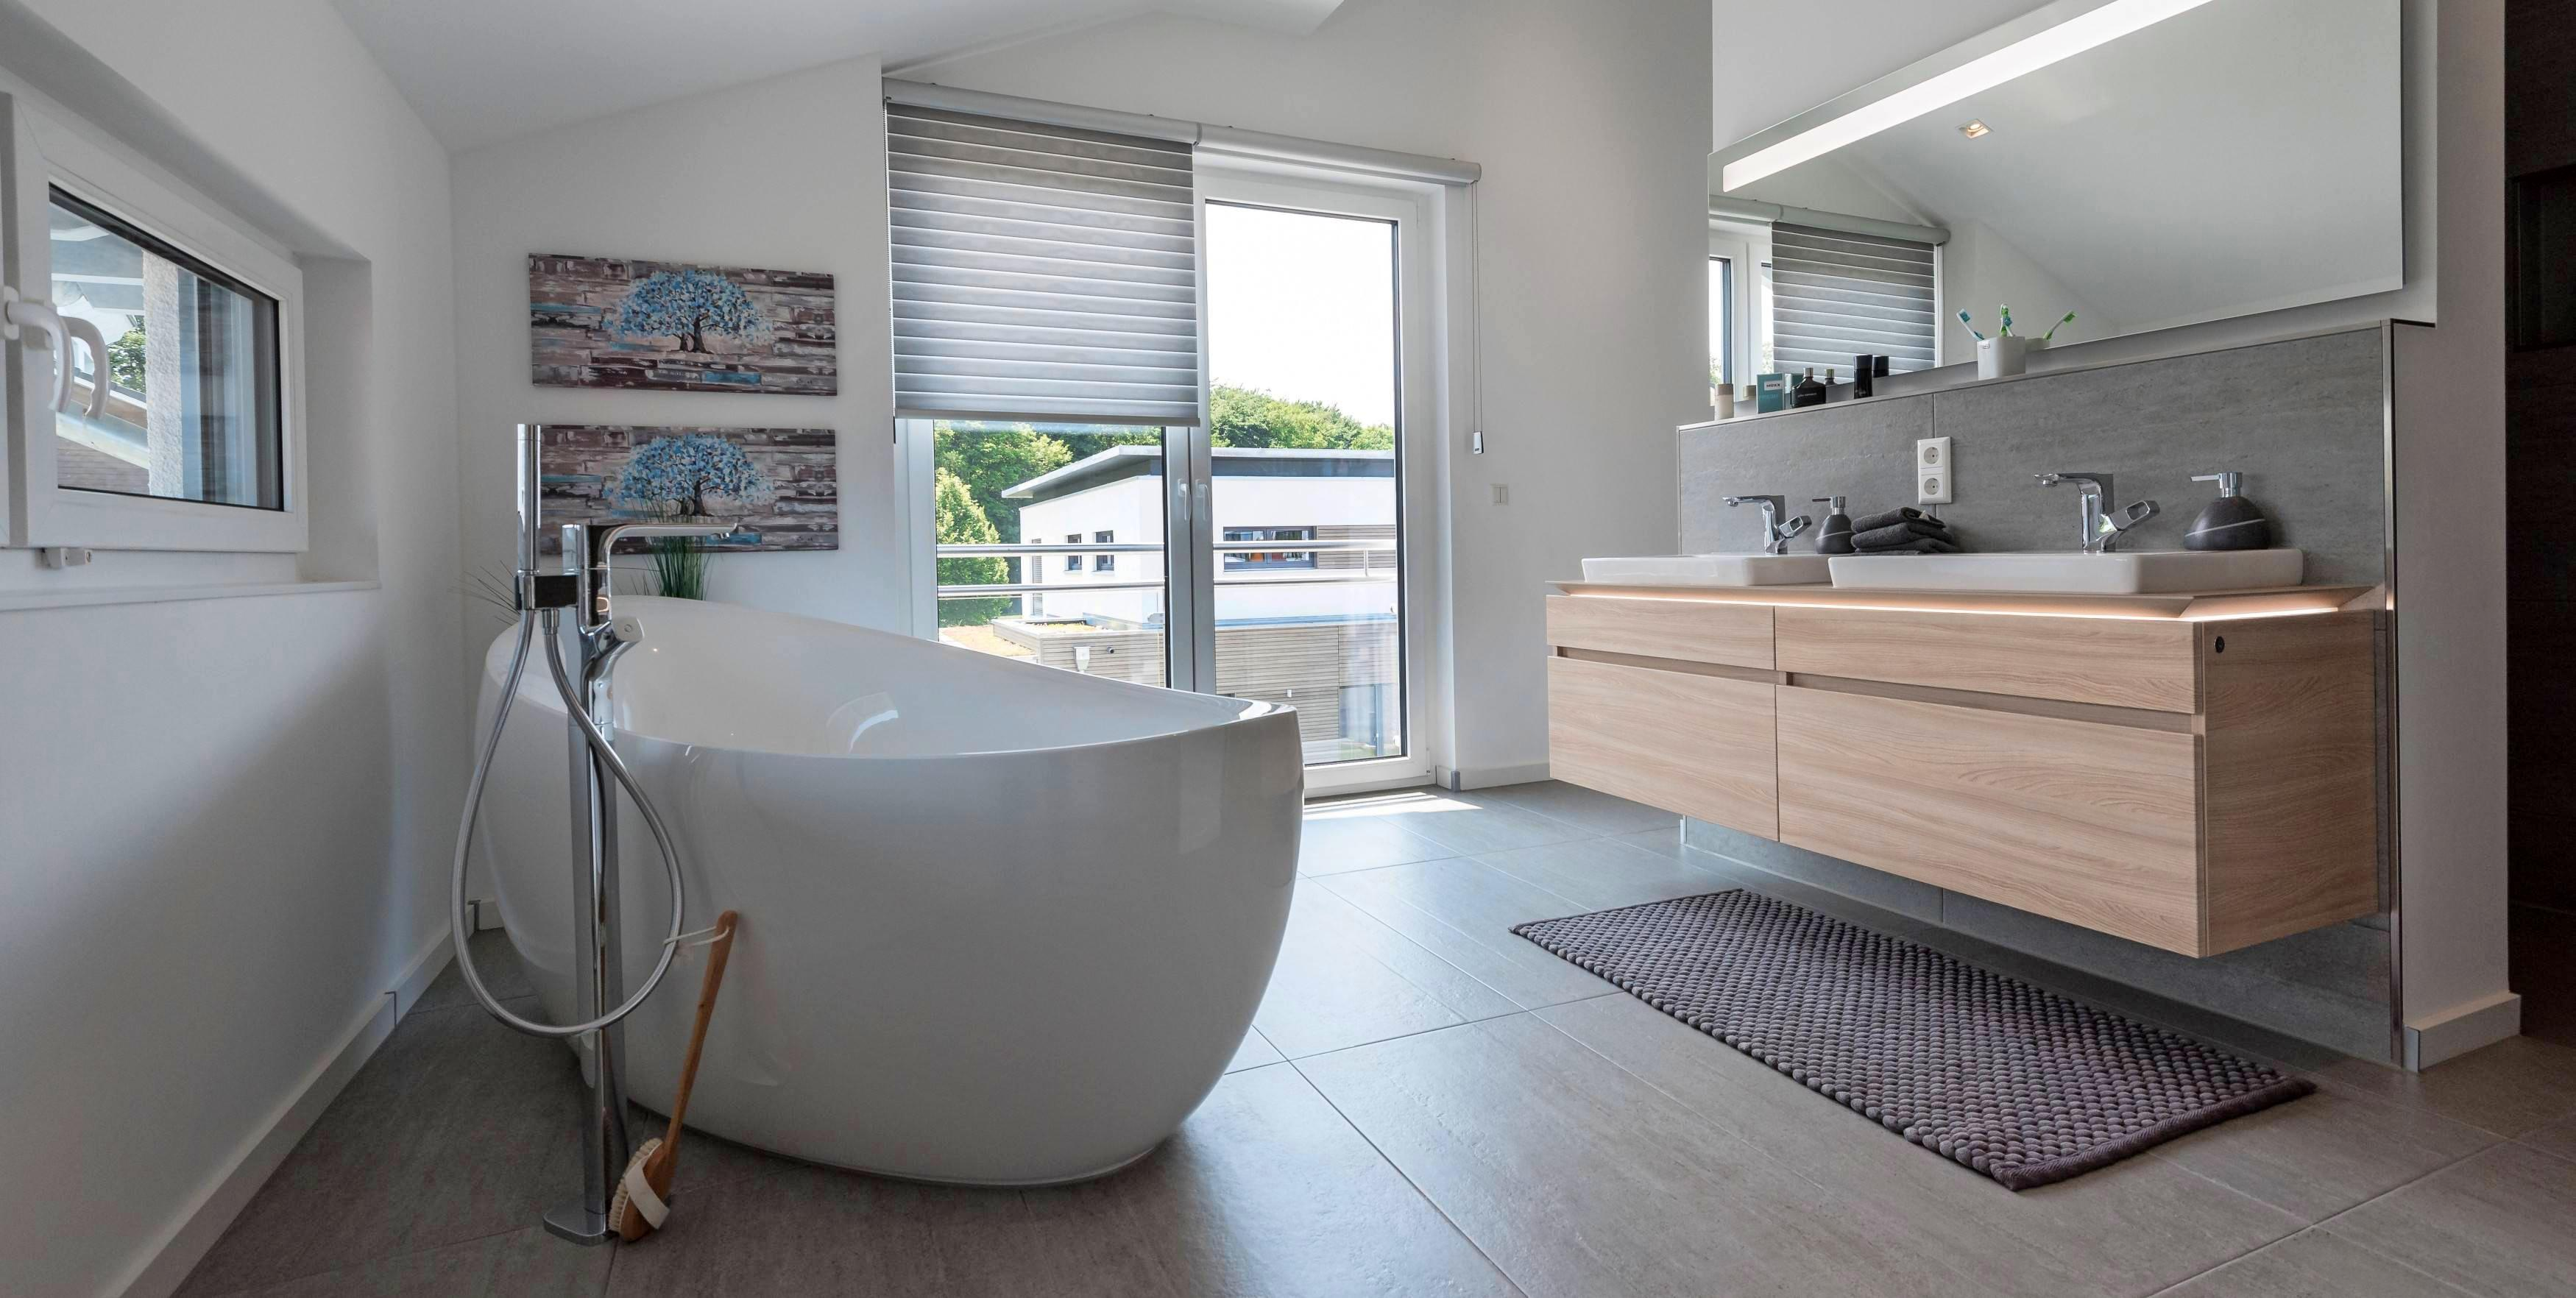 Das Badezimmer gewinnt an Stellung im Haus: Es wird immer größer und wohnlicher. Dazu tragen vor allem Möbel in Echtholz oder in Holzoptik bei. Foto: Daniel Maurer